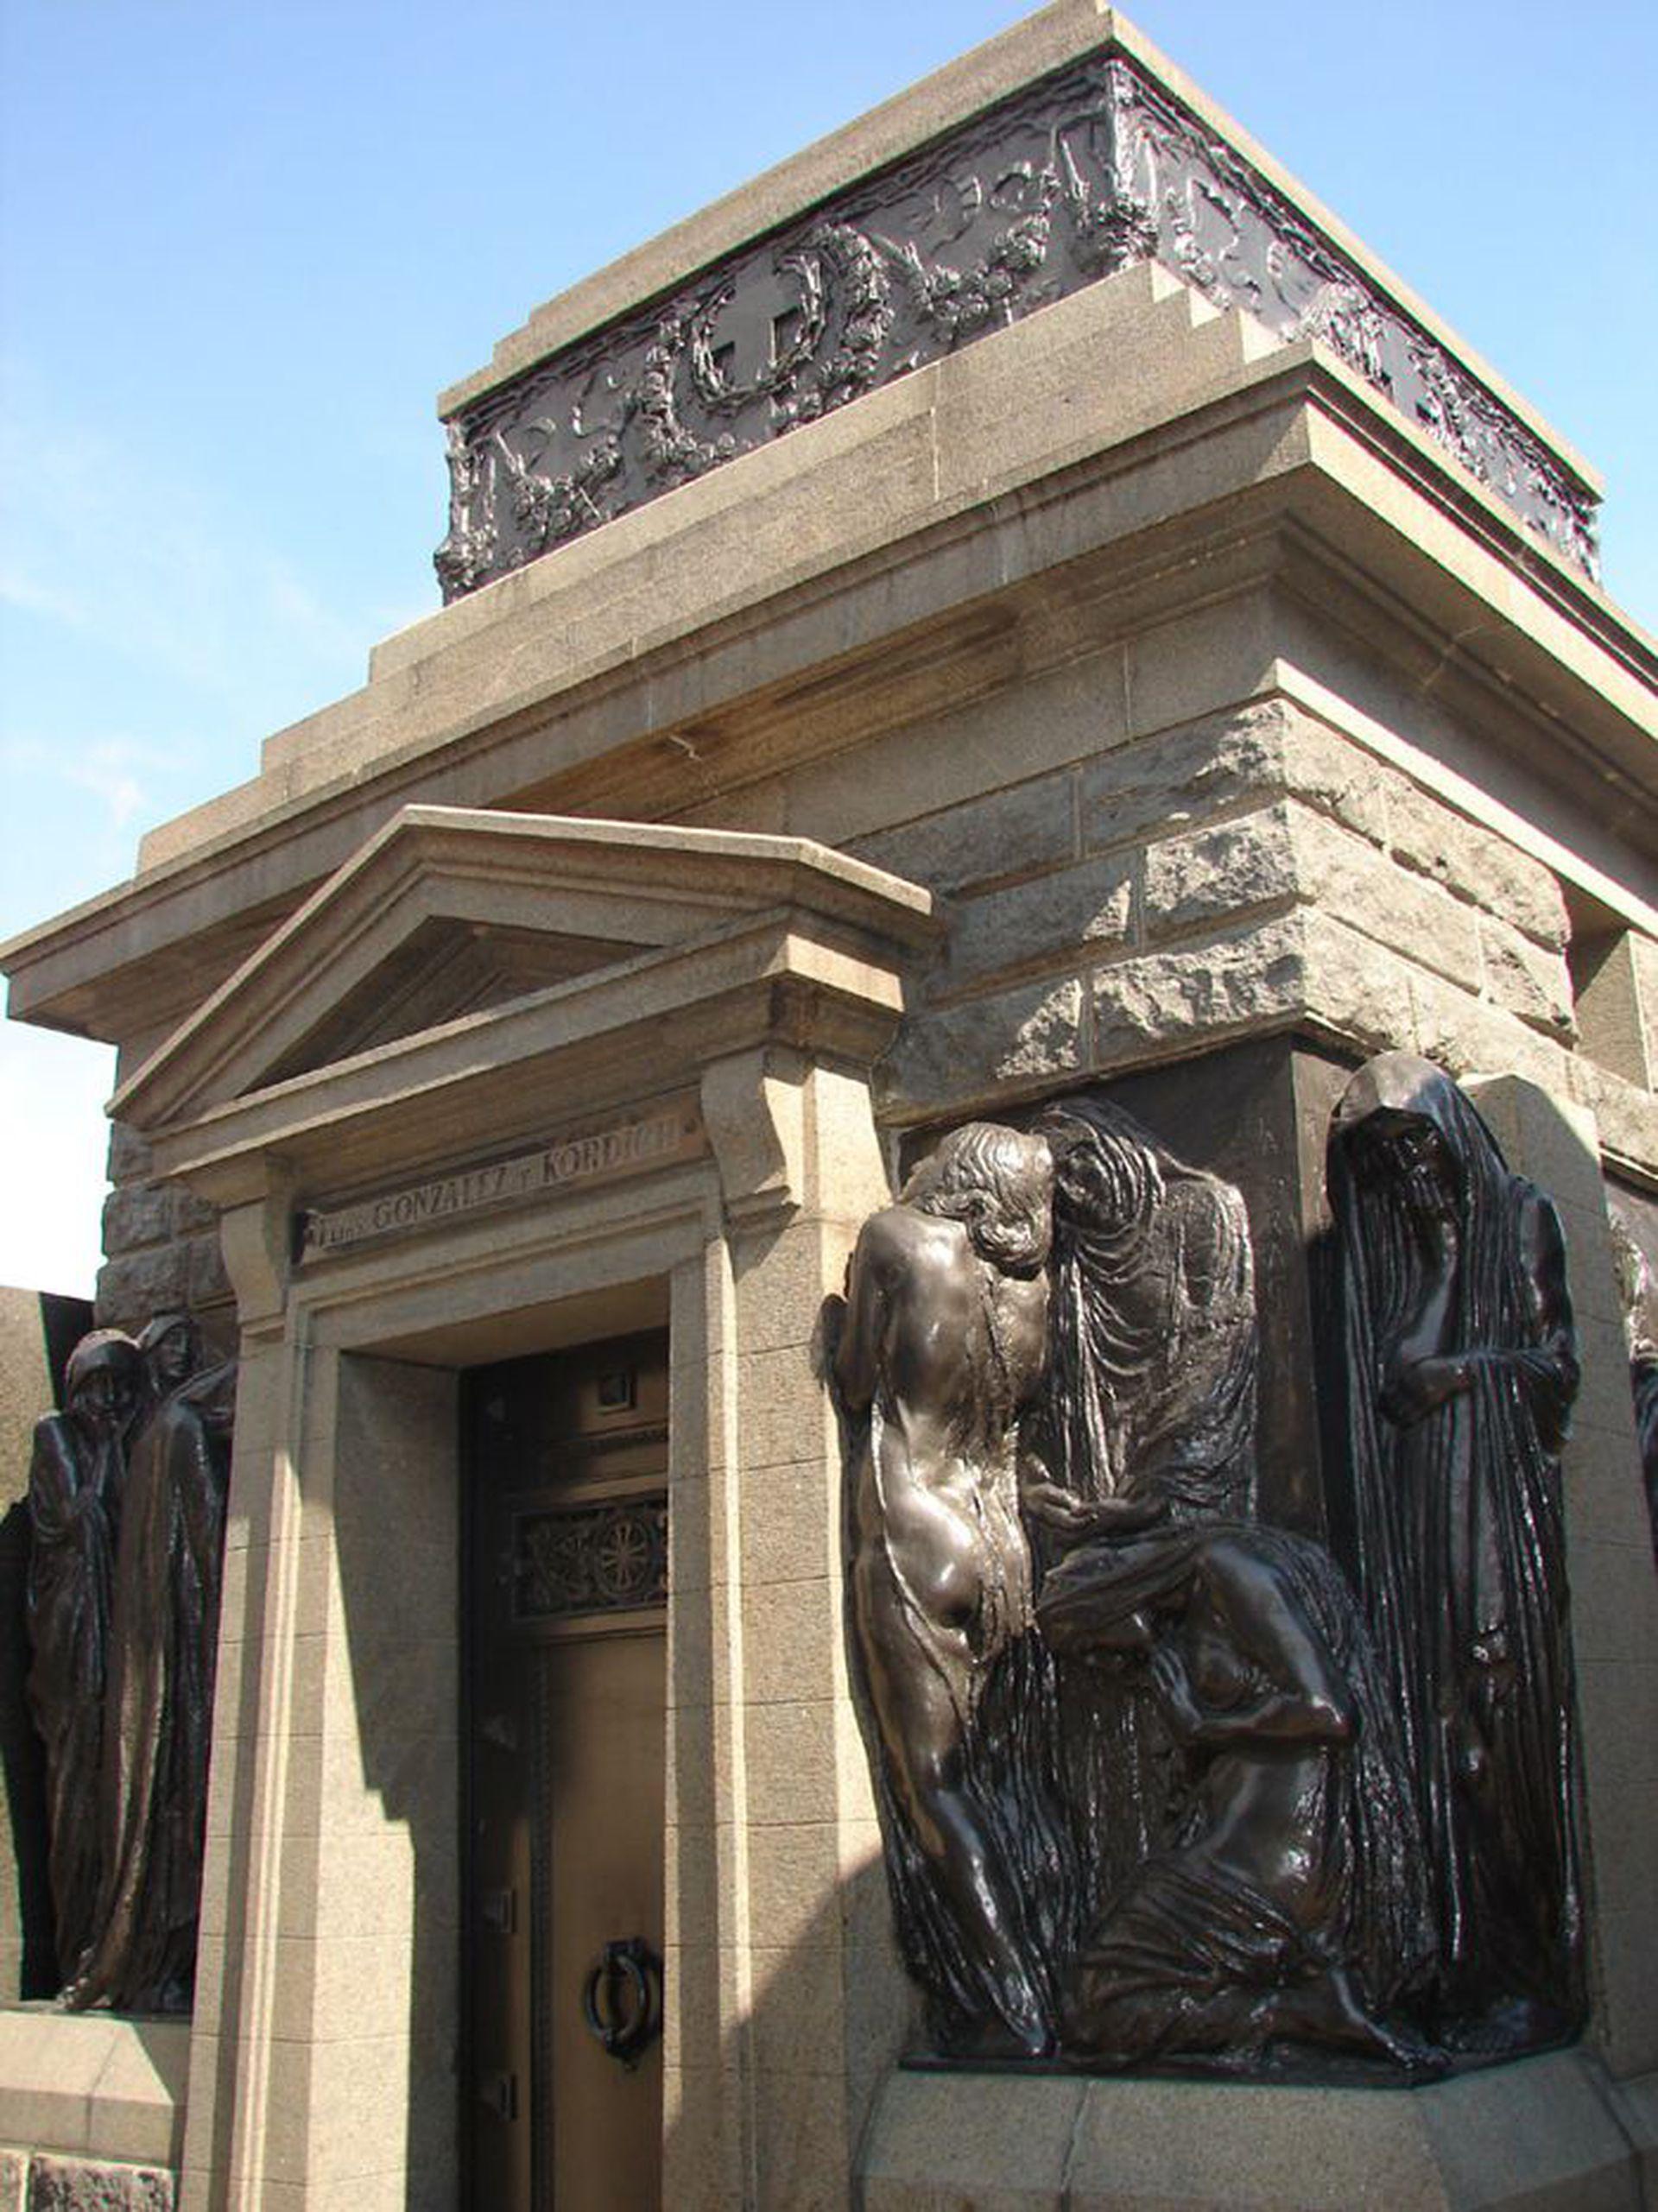 Bóveda donde estuvo sepultado Gath hasta 1992, cuando fue cremado. Las esculturas son obra del italiano Leonardo Bistolfi.Si bien Gath falleció en Suiza en 1916 y fue sepultado en la Recoleta el 22/2/1917, la bóveda es posterior (su viuda adquirió la ubicacion en 1919.